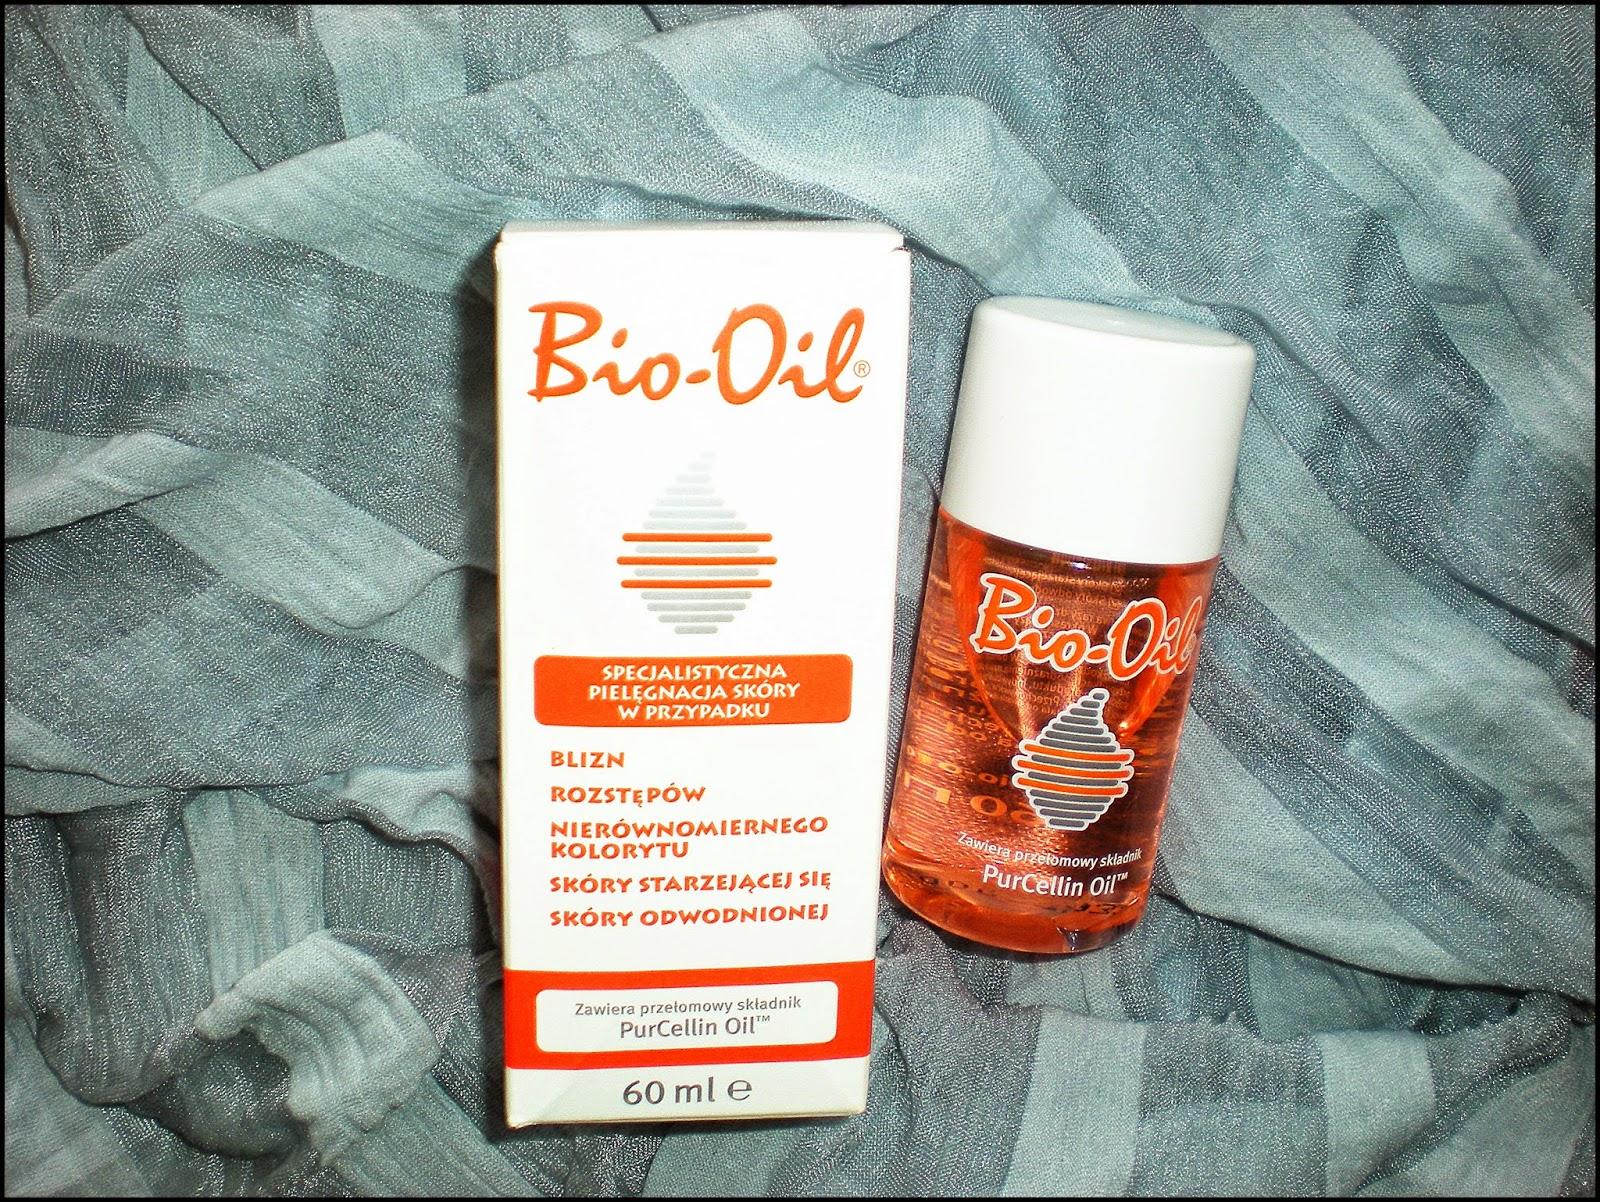 Uniwersalny olejek to twarzy i ciała Bio Oil